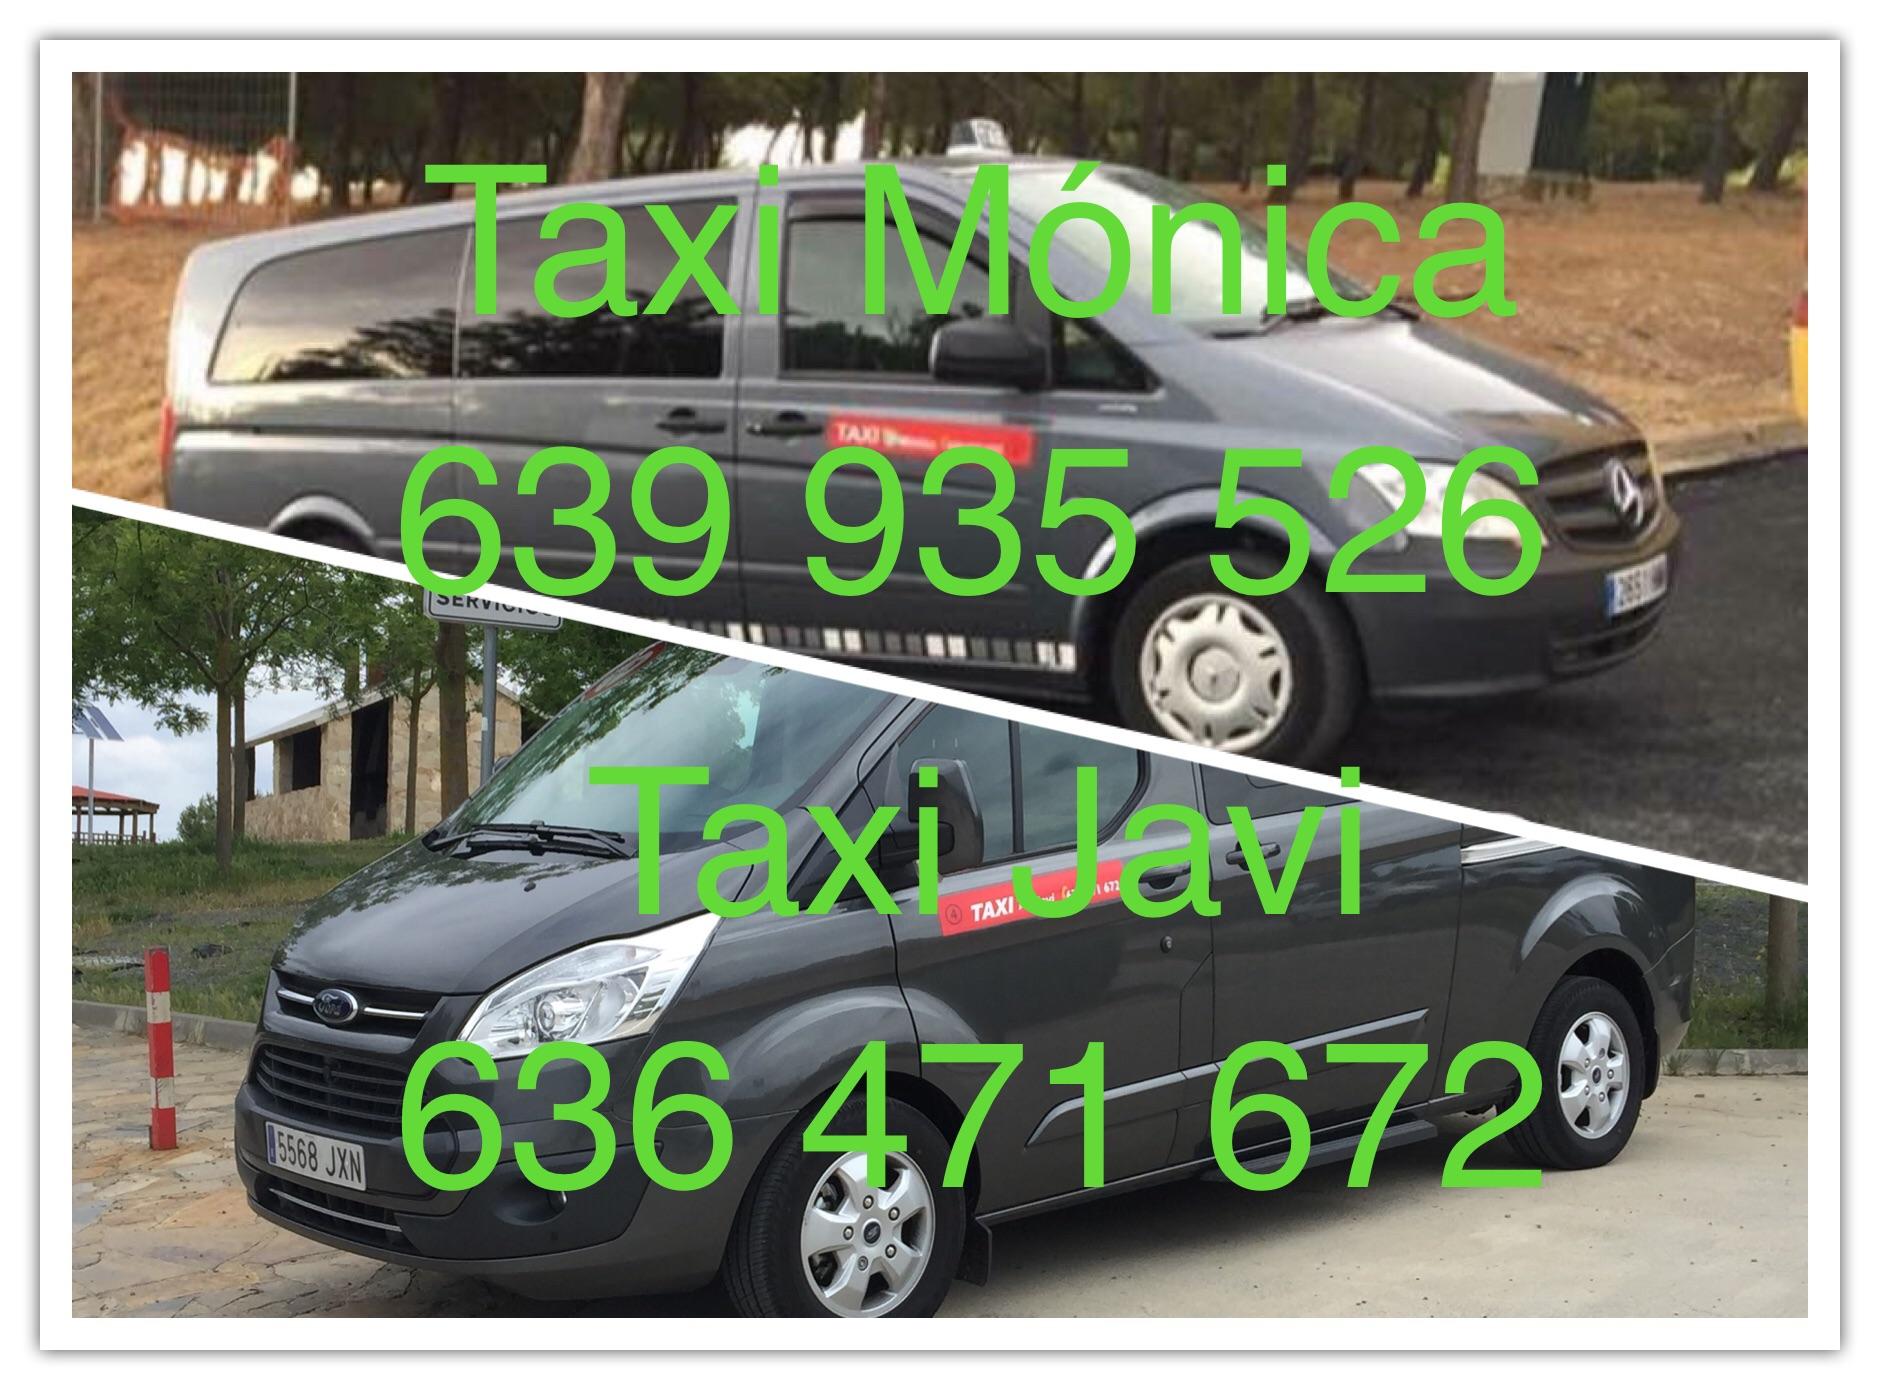 Taxi Javi Castejon